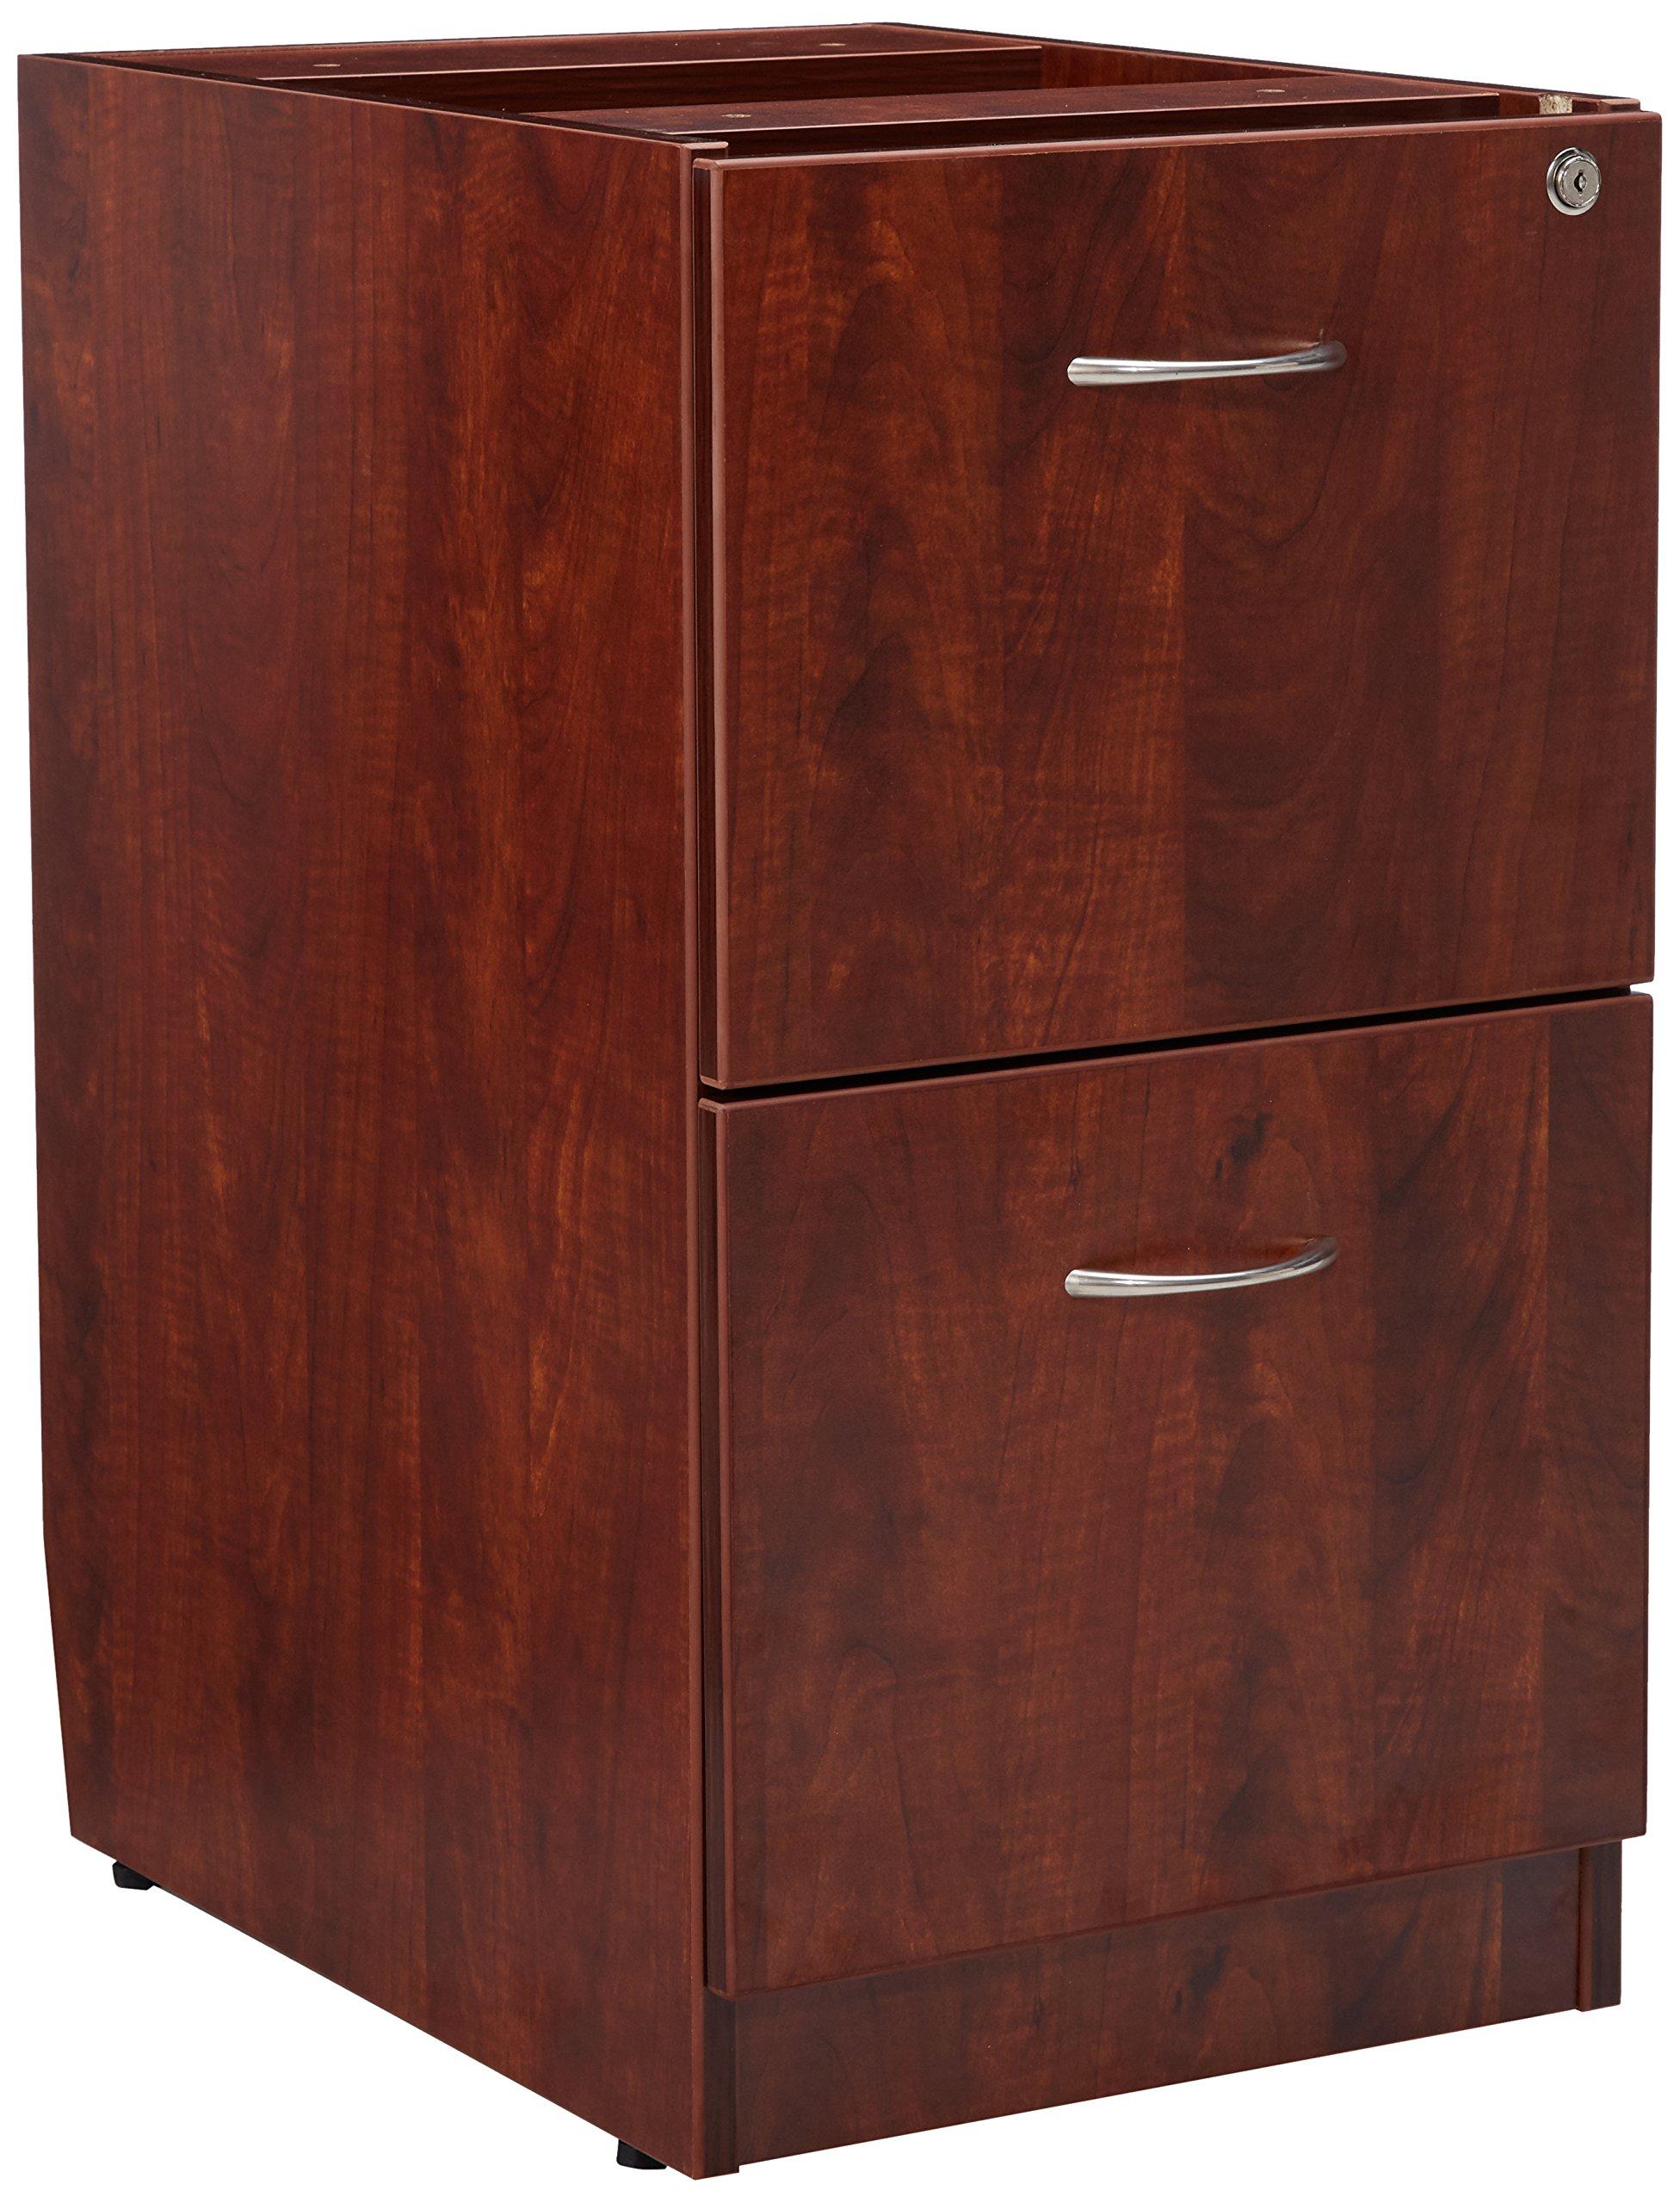 Lorell LLR69606 69000 Series Free Standing Fixed Pedestals, Cherry